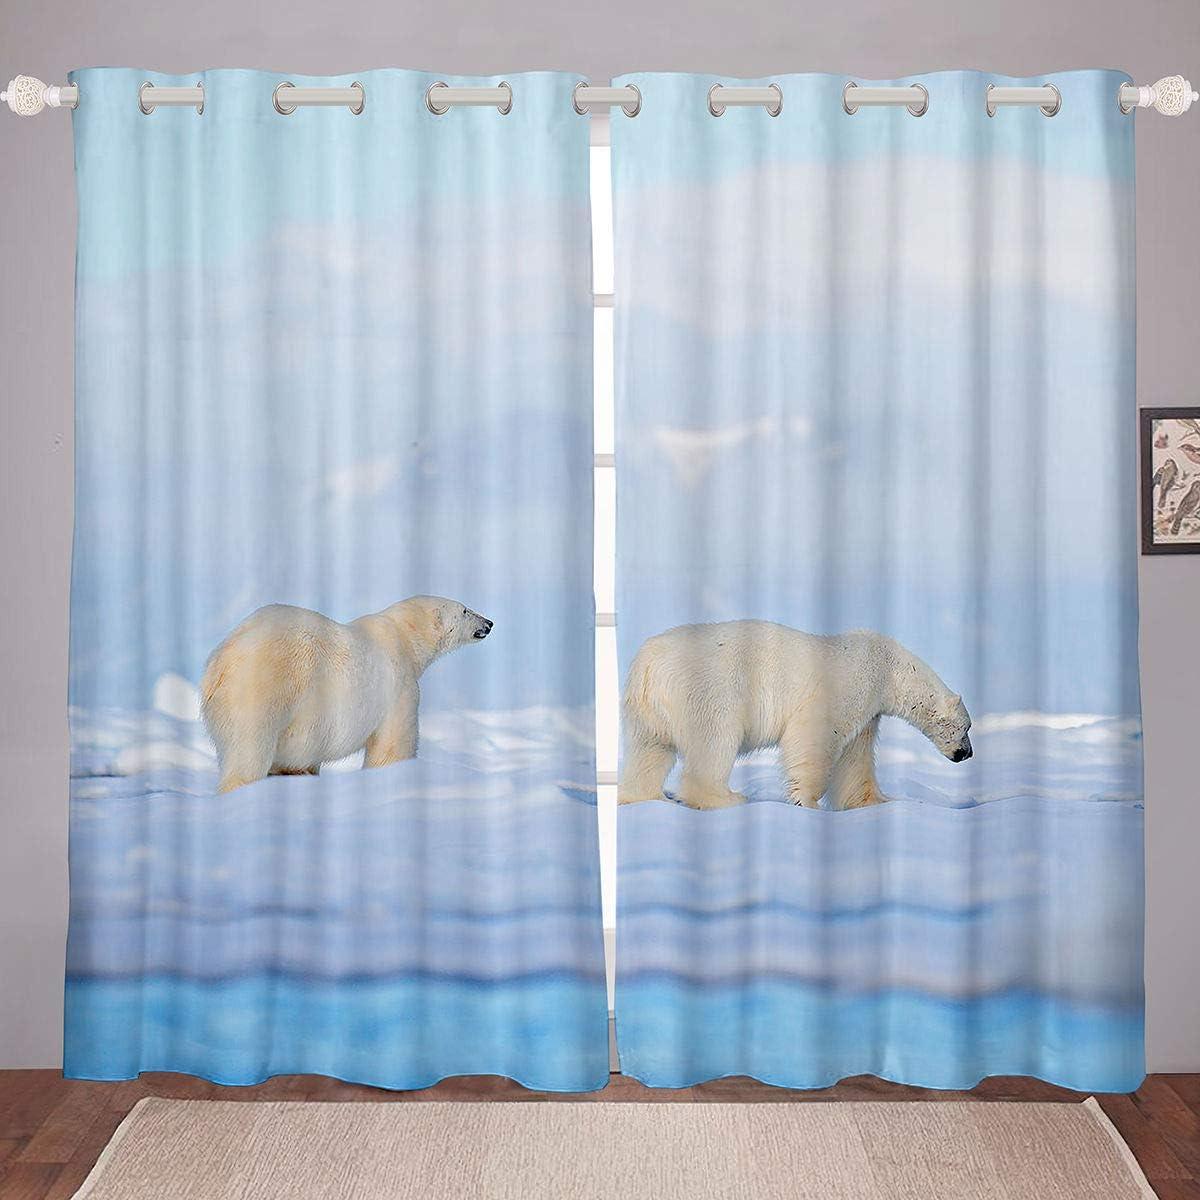 Polar Bear Curtains for Bedroom Window 70%OFFアウトレット Couple Animals ブランド買うならブランドオフ White